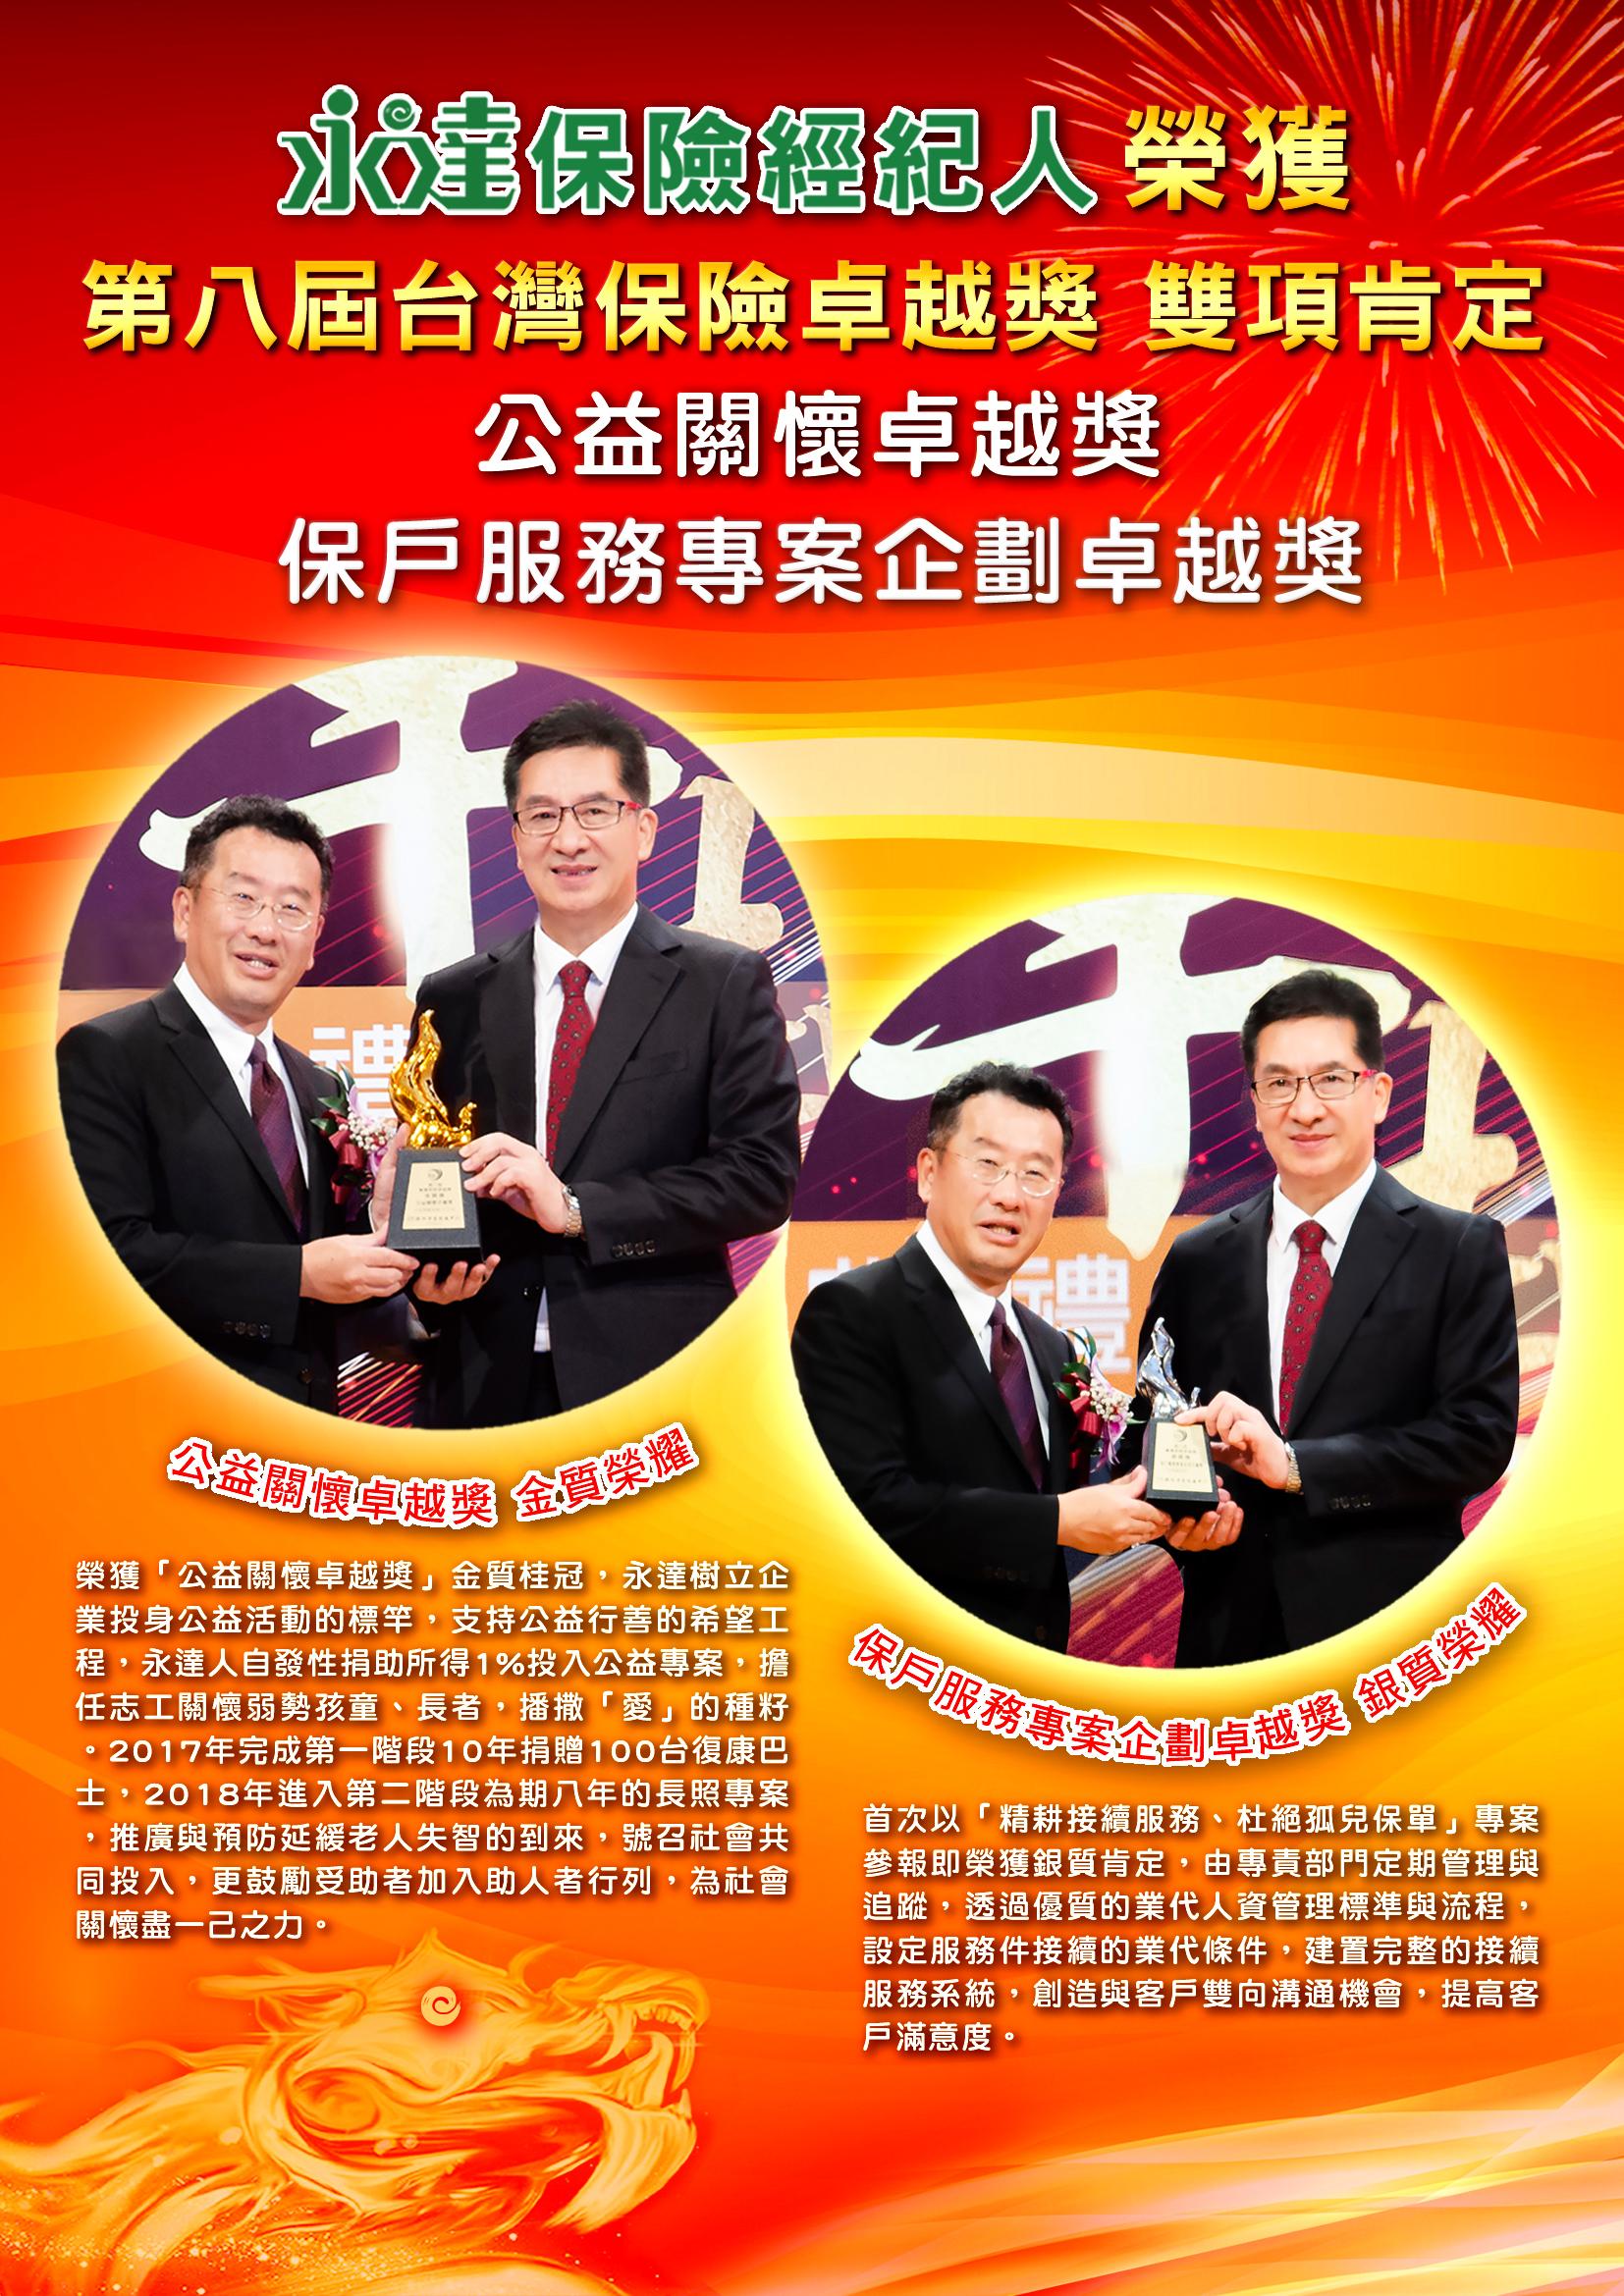 第八屆台灣保險卓越獎喜訊